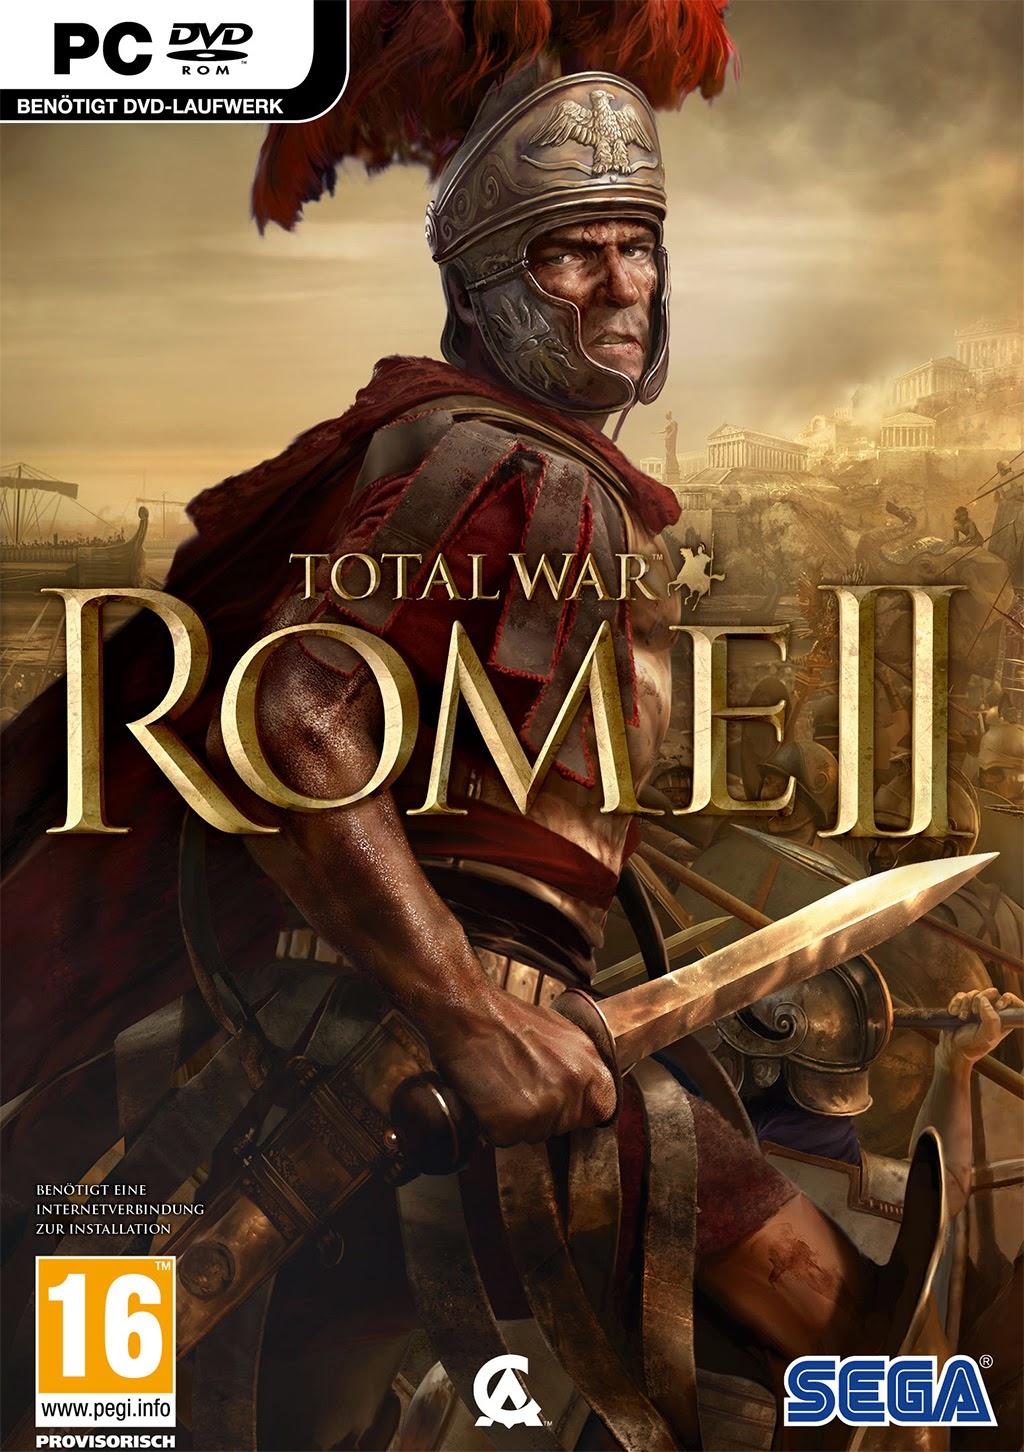 حصريا مكتبة العاب تكريك الفريق الرائع reloaded يزيد لعبة,بوابة 2013 total-war-rome2_cove